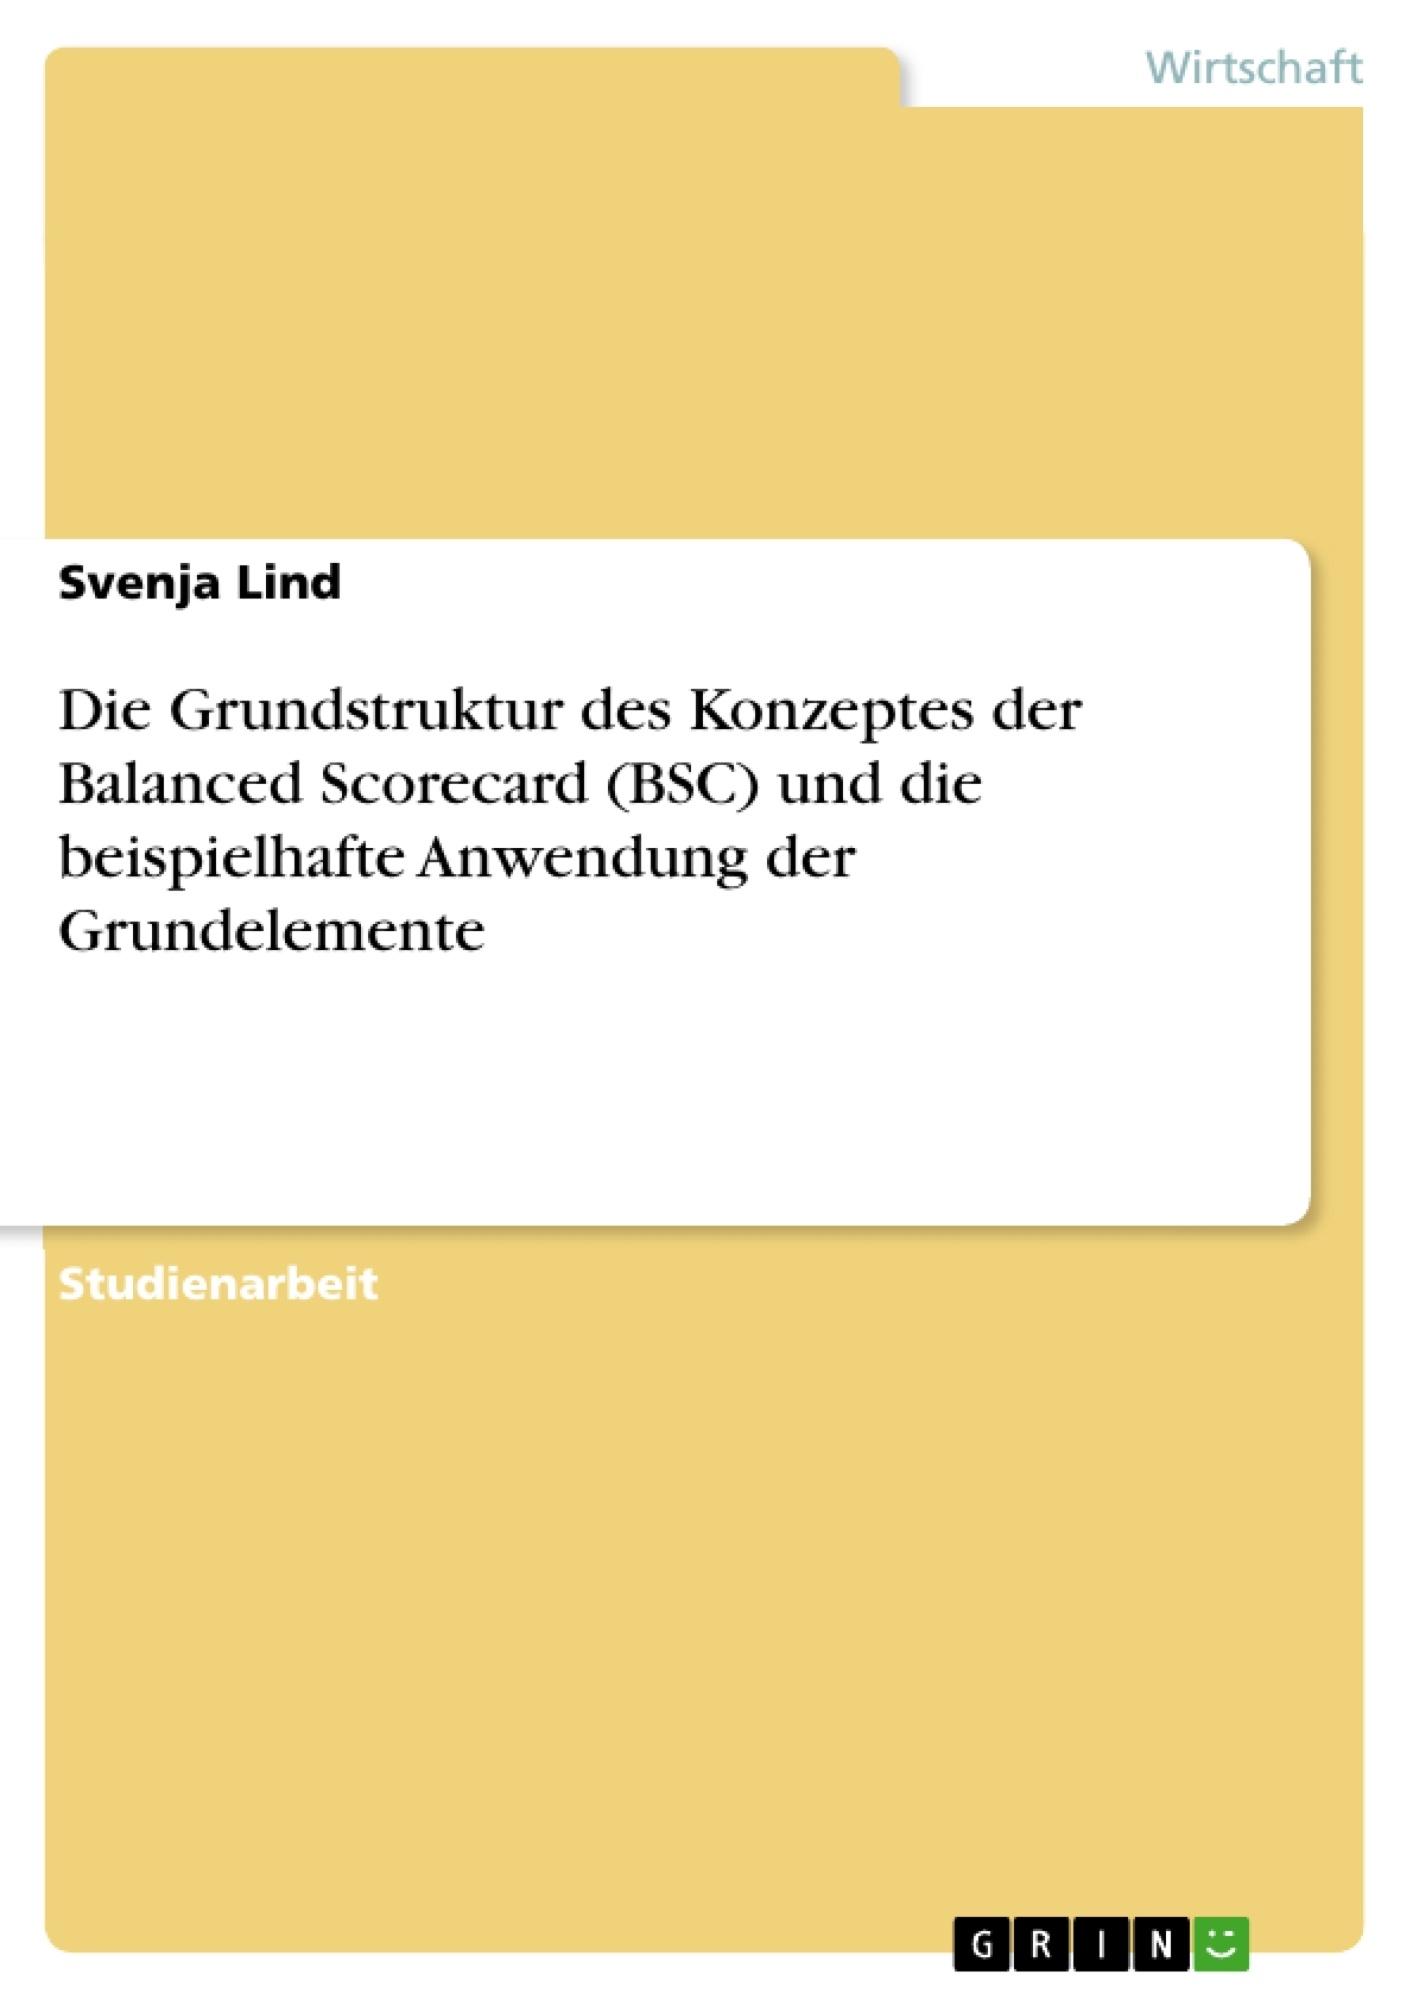 Titel: Die Grundstruktur des Konzeptes der Balanced Scorecard (BSC) und die beispielhafte Anwendung der Grundelemente